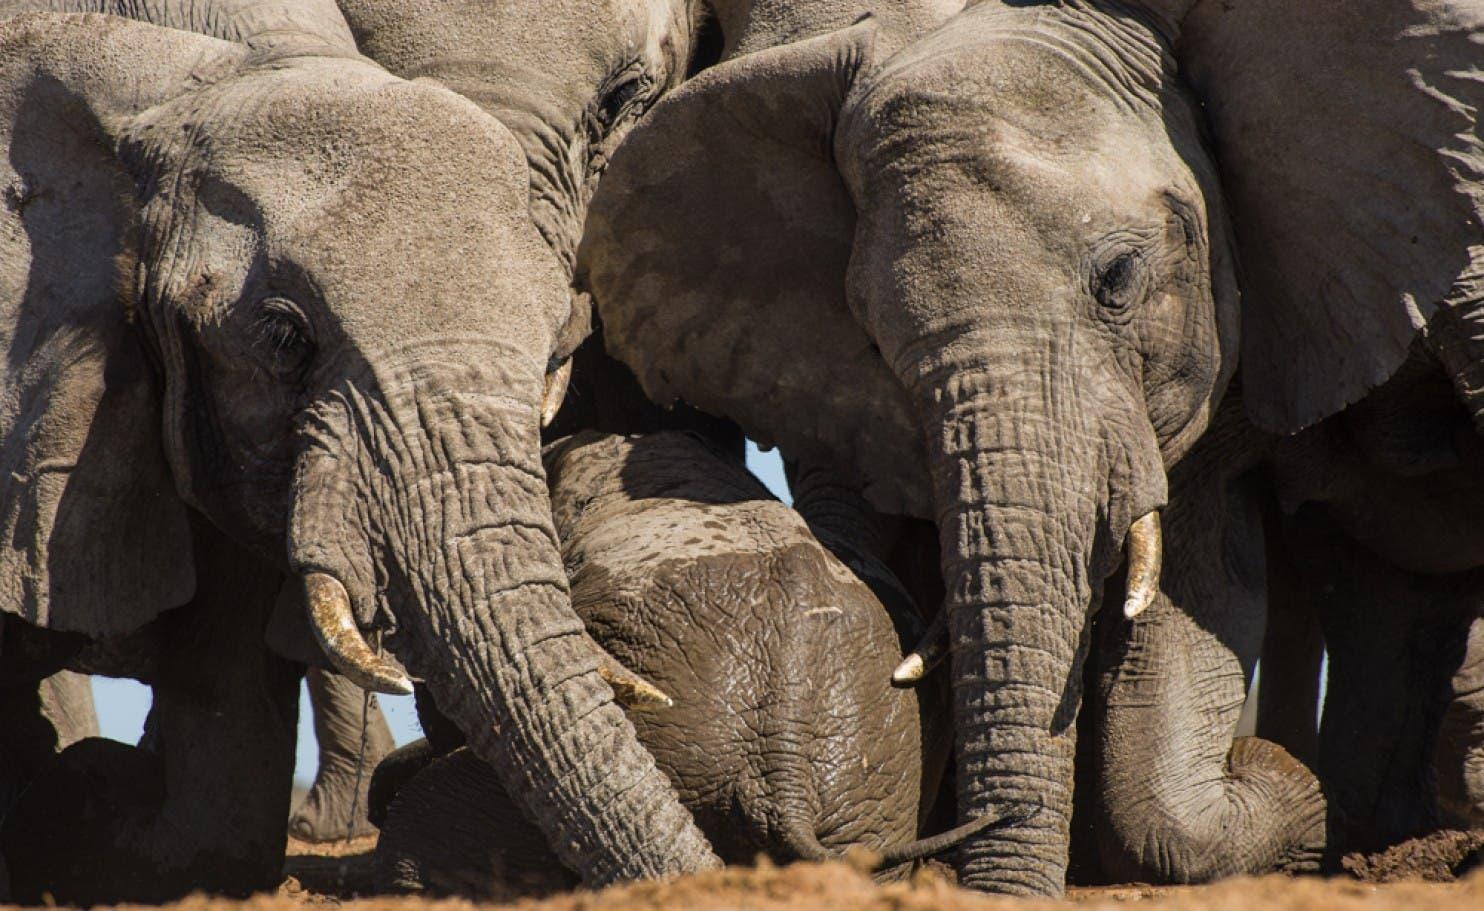 مشاهد أخرى من تعامل الفيلة البالغة مع صغارها المحبة للمياه